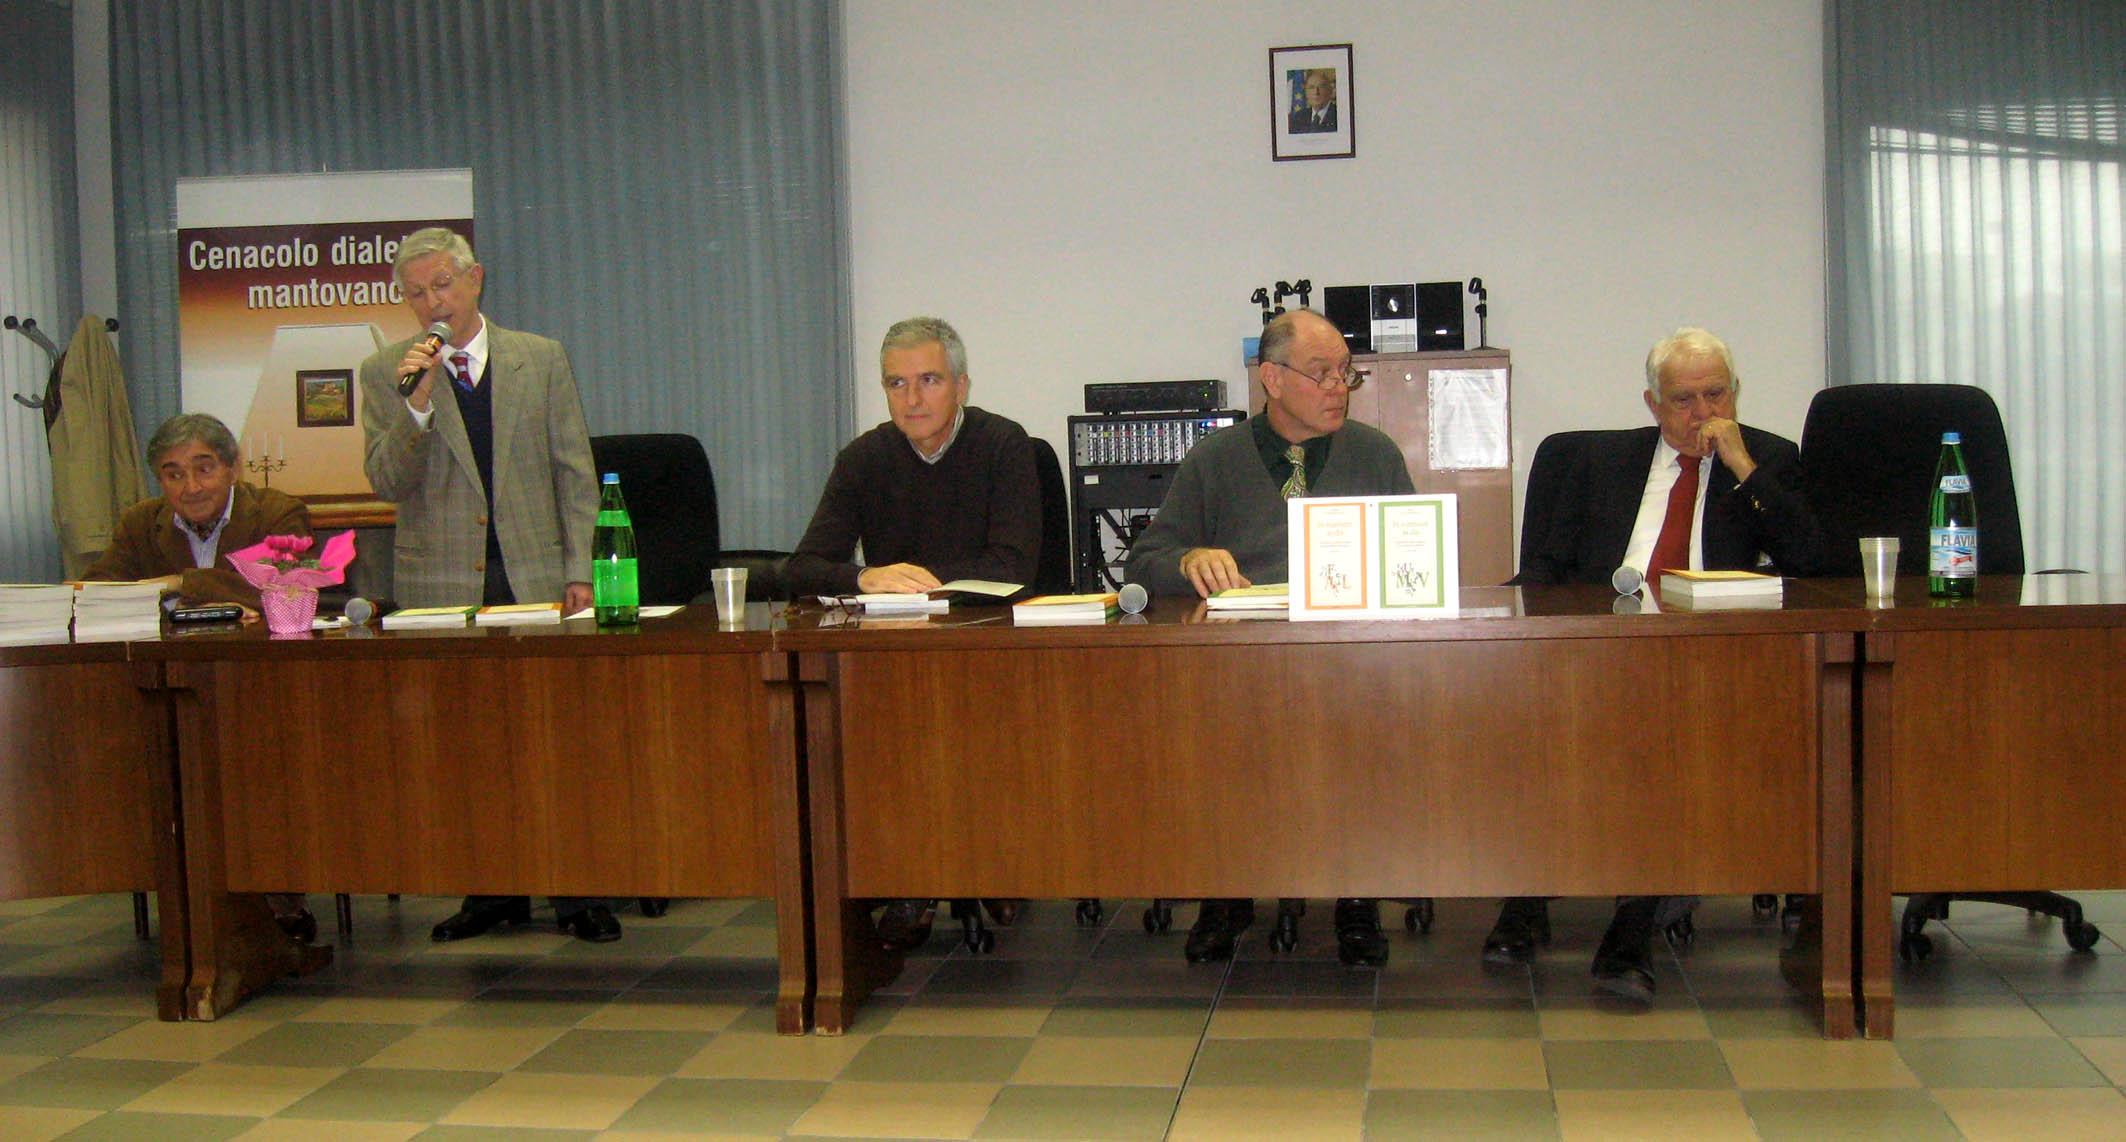 2012 - Presentazione Glossario - Sala civica Porto - Da sx - Mazza - Aldrighi - Assessore alla Cultura, Bettoni - Quarenghi - Gozzi